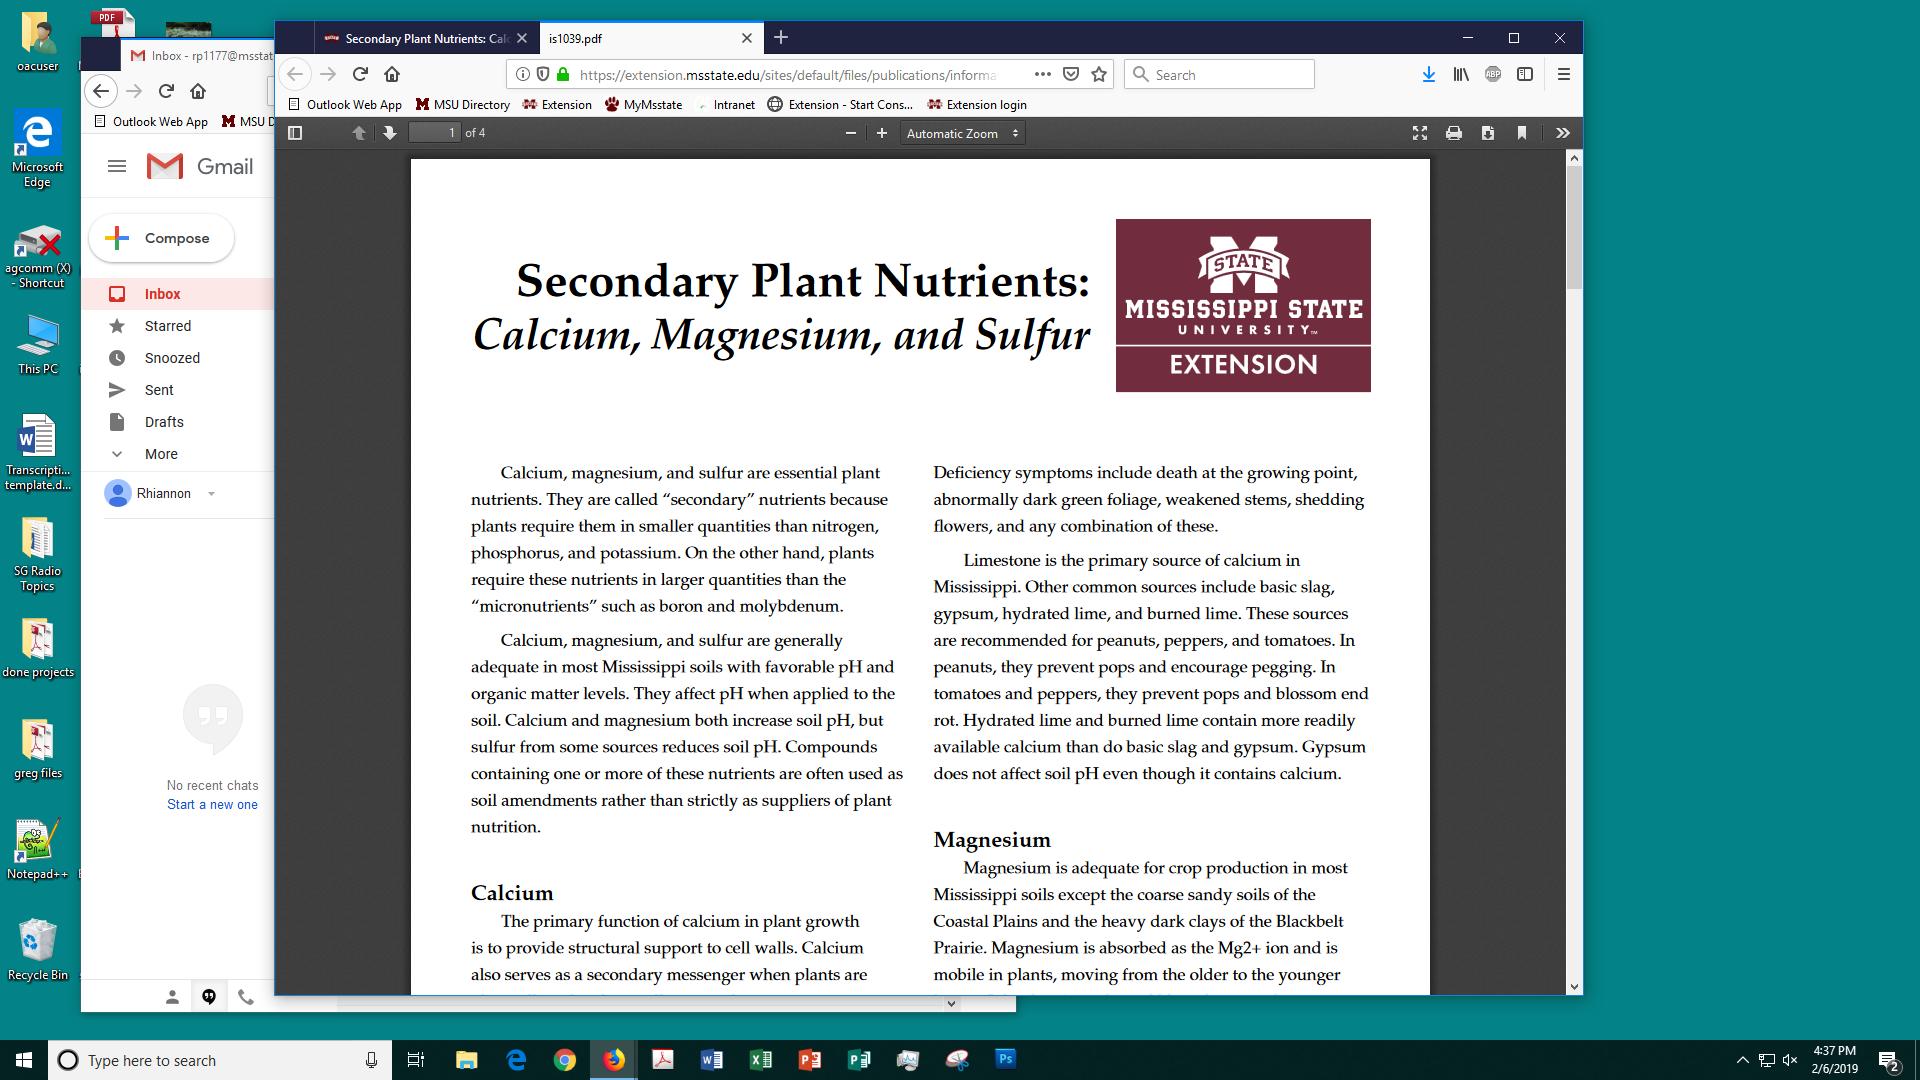 Secondary Plant Nutrients: Calcium, Magnesium, and Sulfur